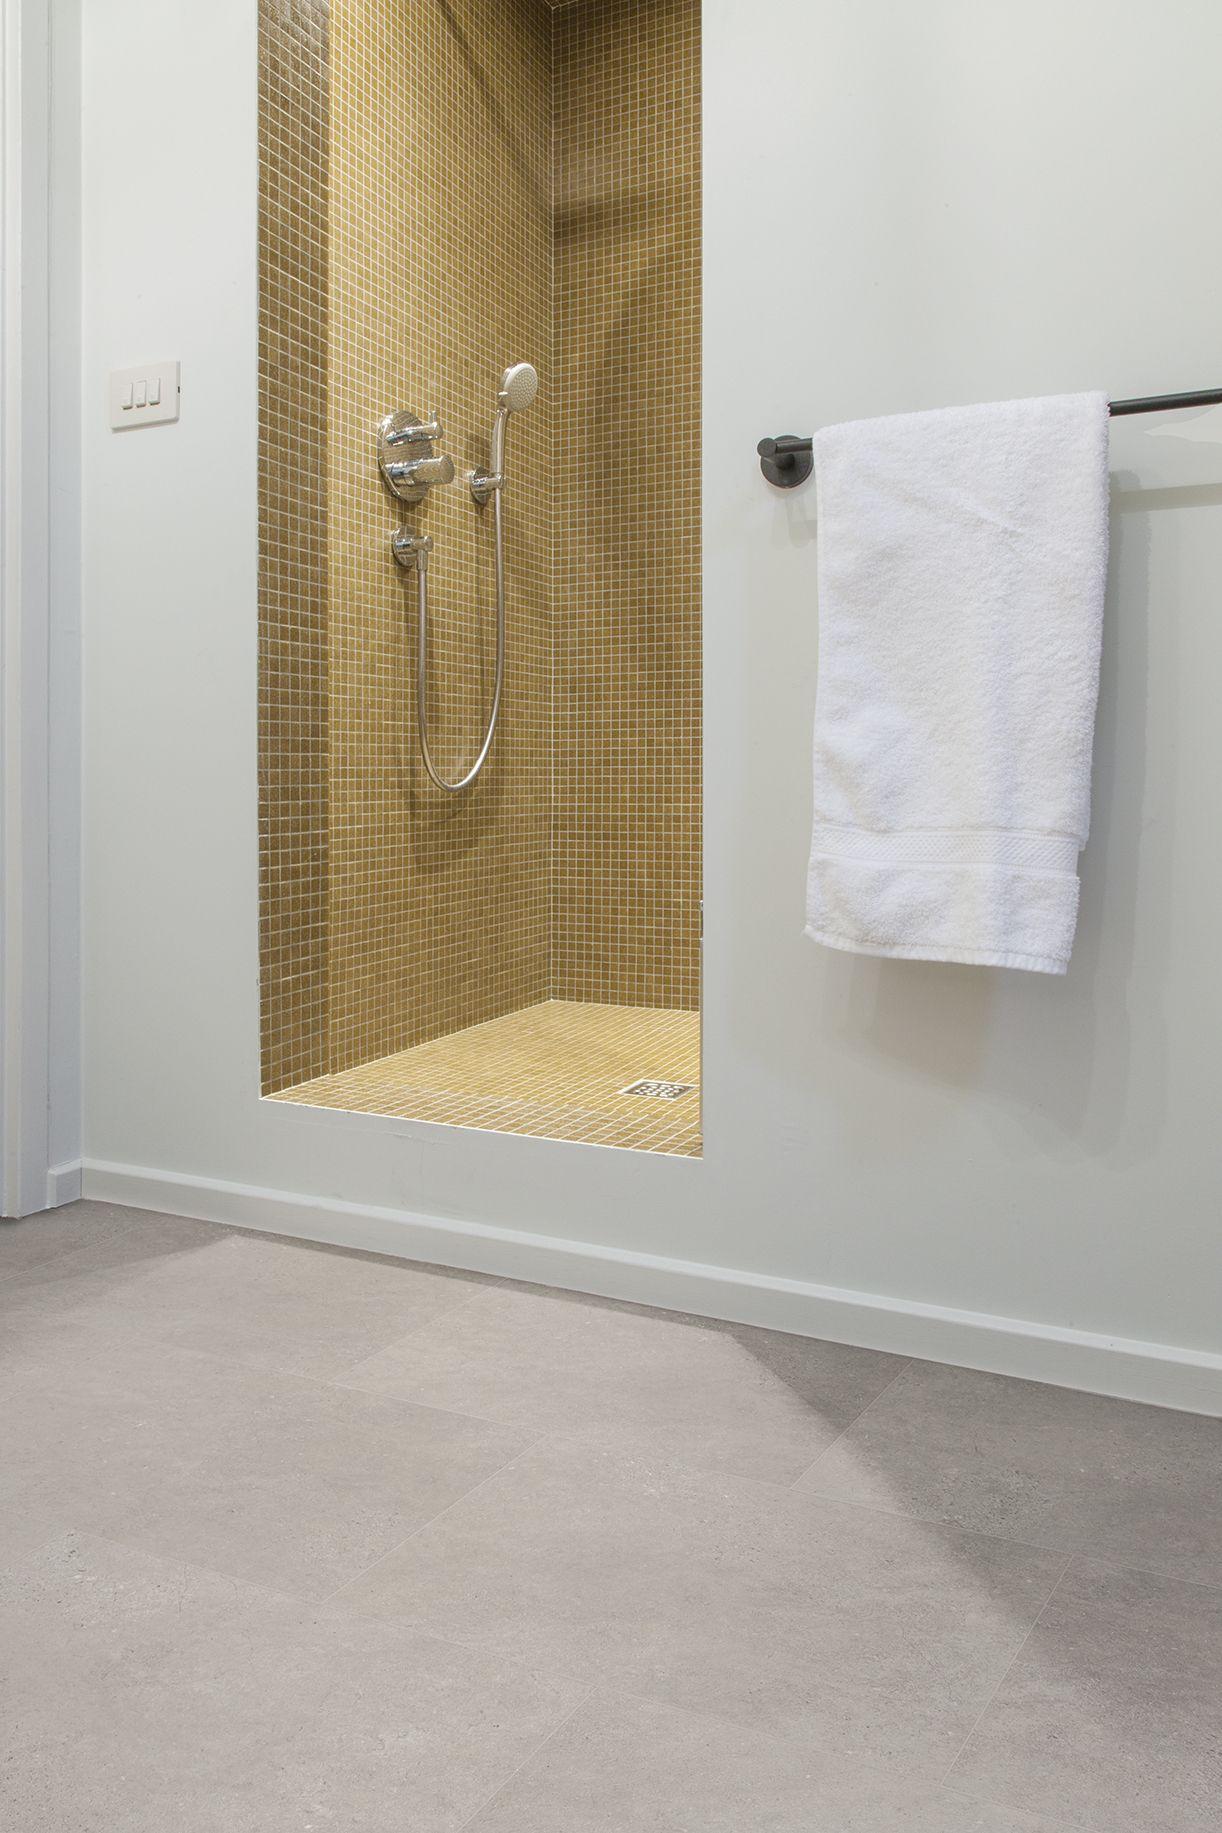 Vloer badkamer, PVC vloer badkamer, Vloer inspiratie ...